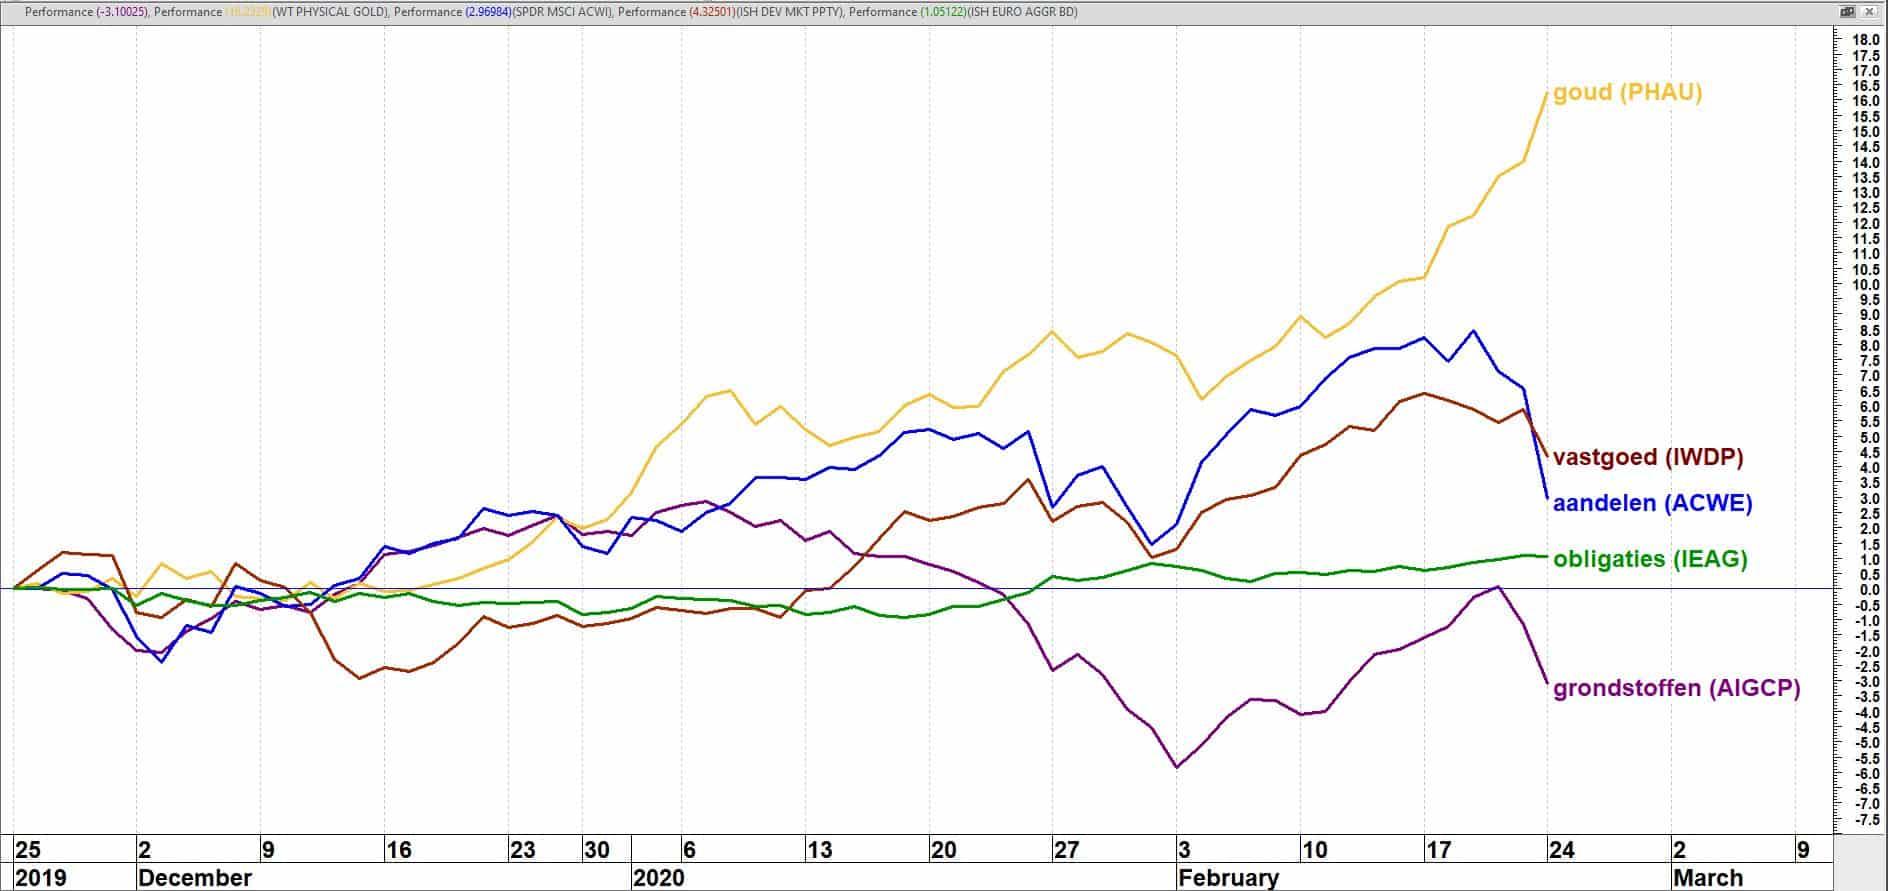 Koersperformance vijf ETF's (in euro's) in vijf verschillende asset classes 25-11-2019 t/m 24-02-2020